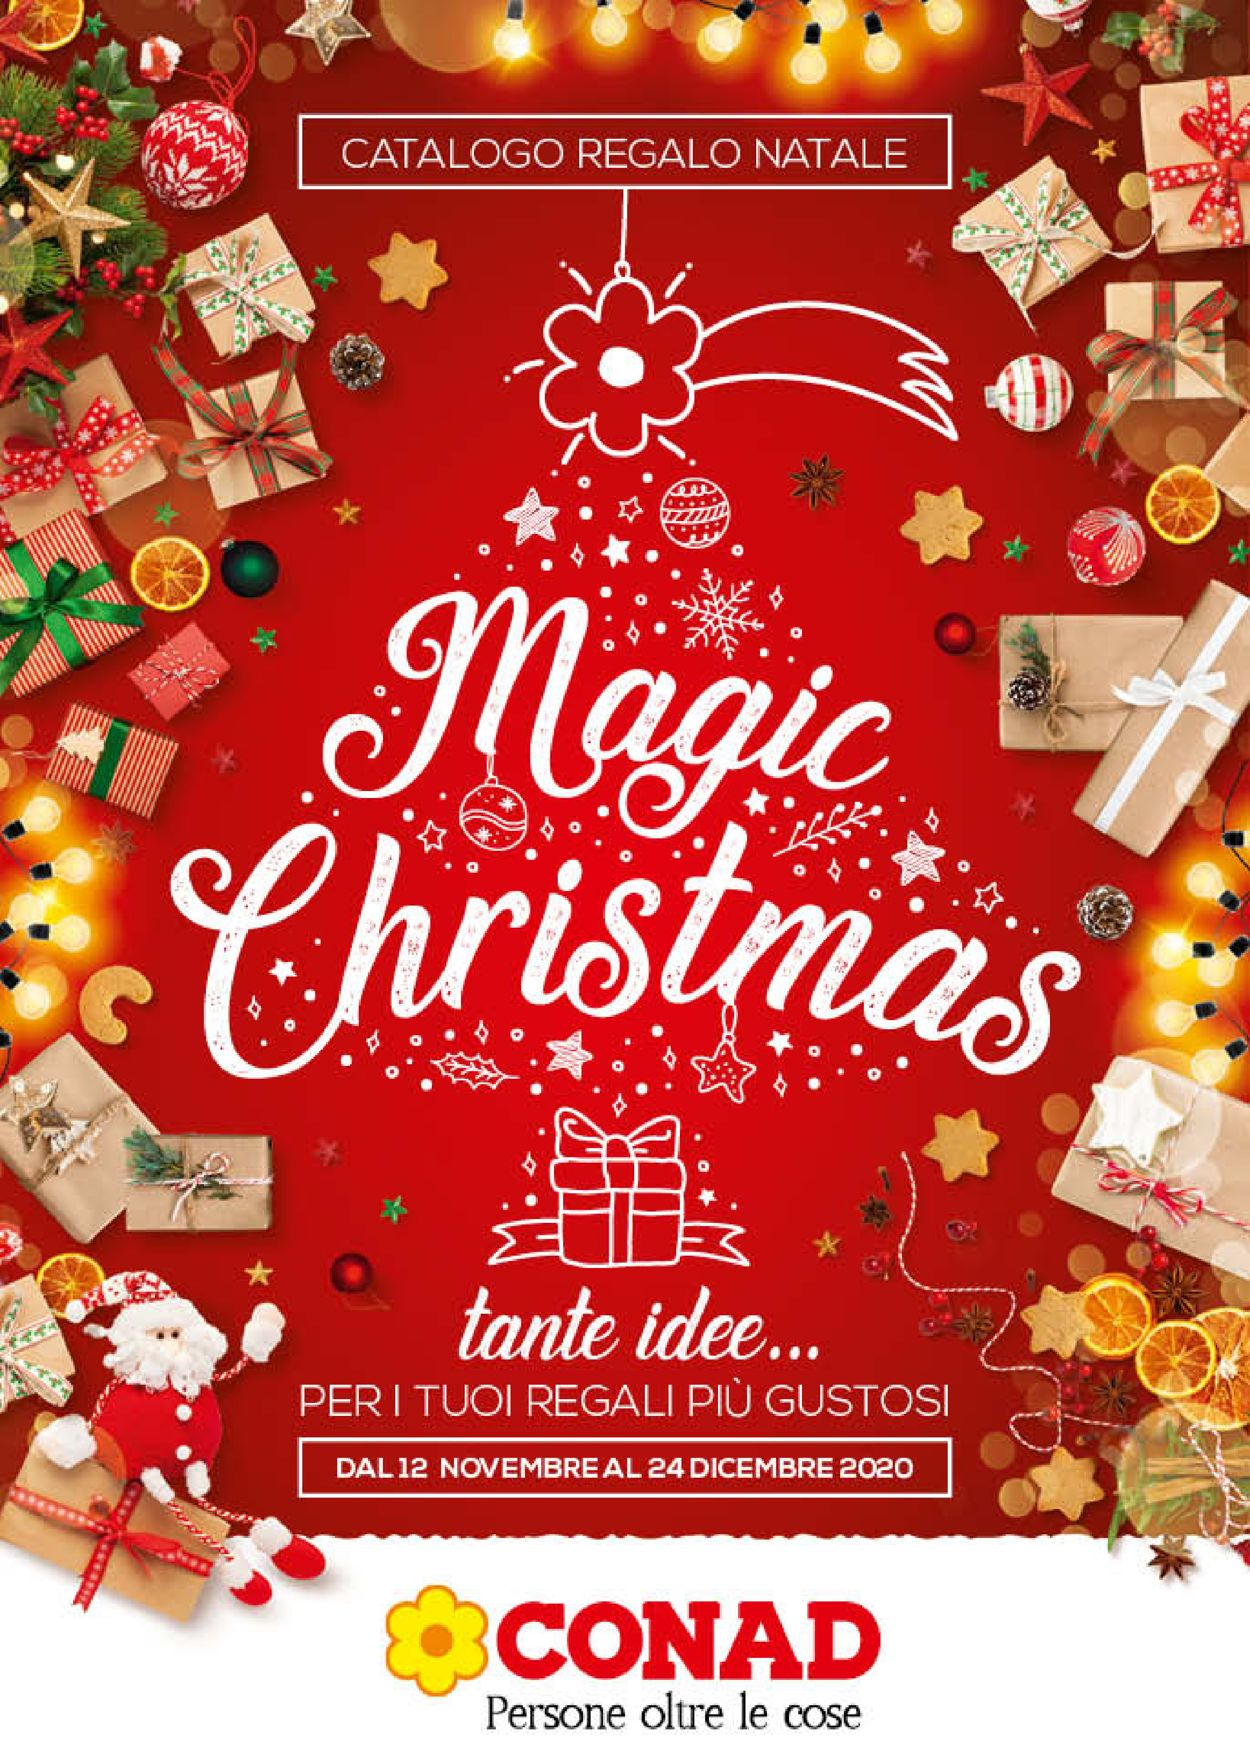 Volantino Conad - Natale 2020 - Offerte 12/11-24/12/2020